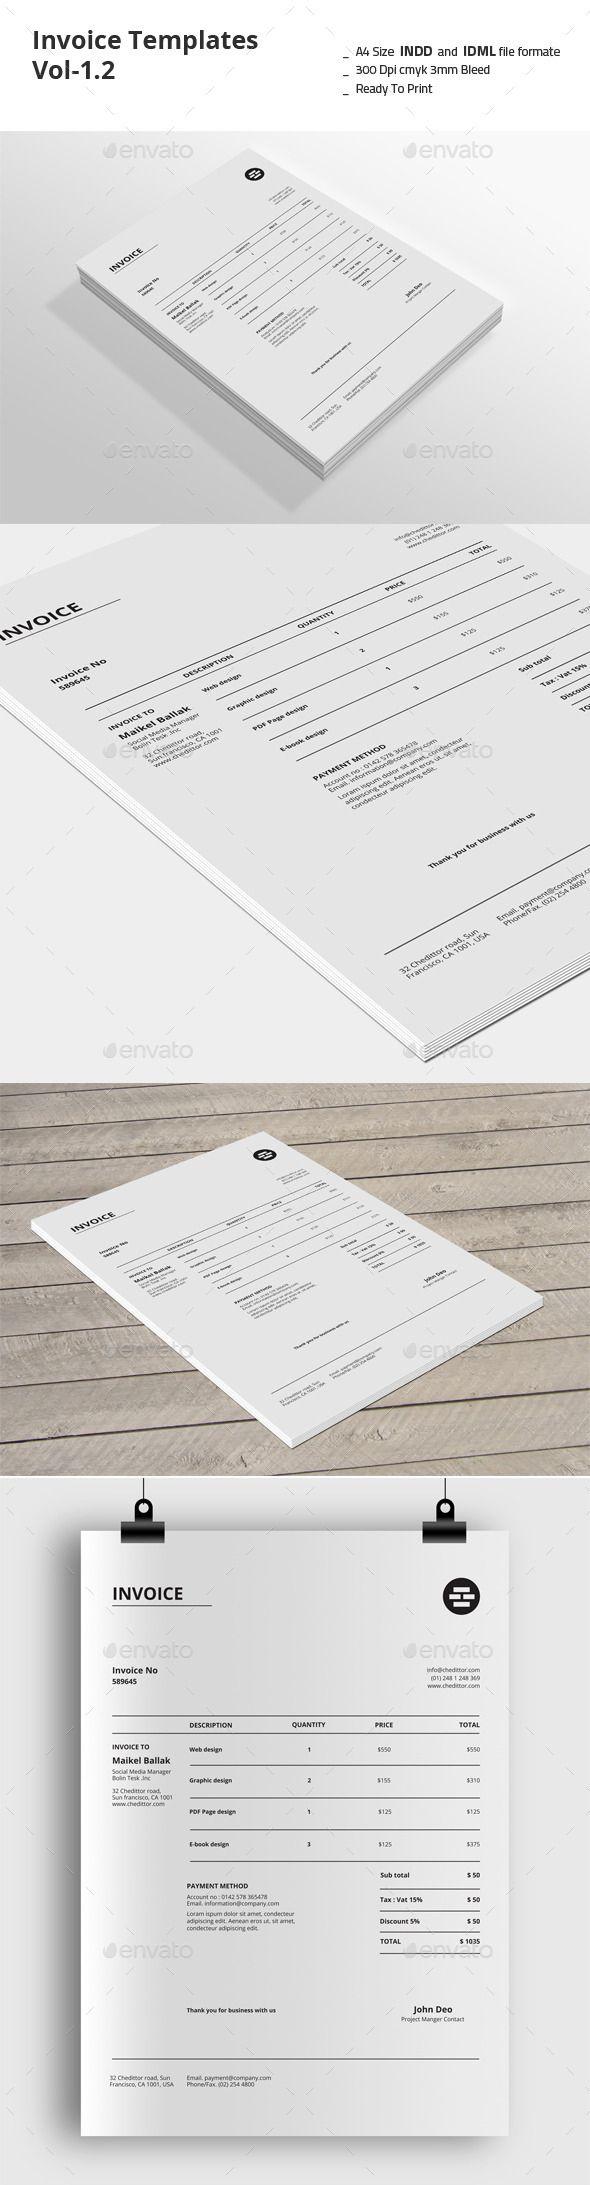 Invoice Templates Vol-1.2